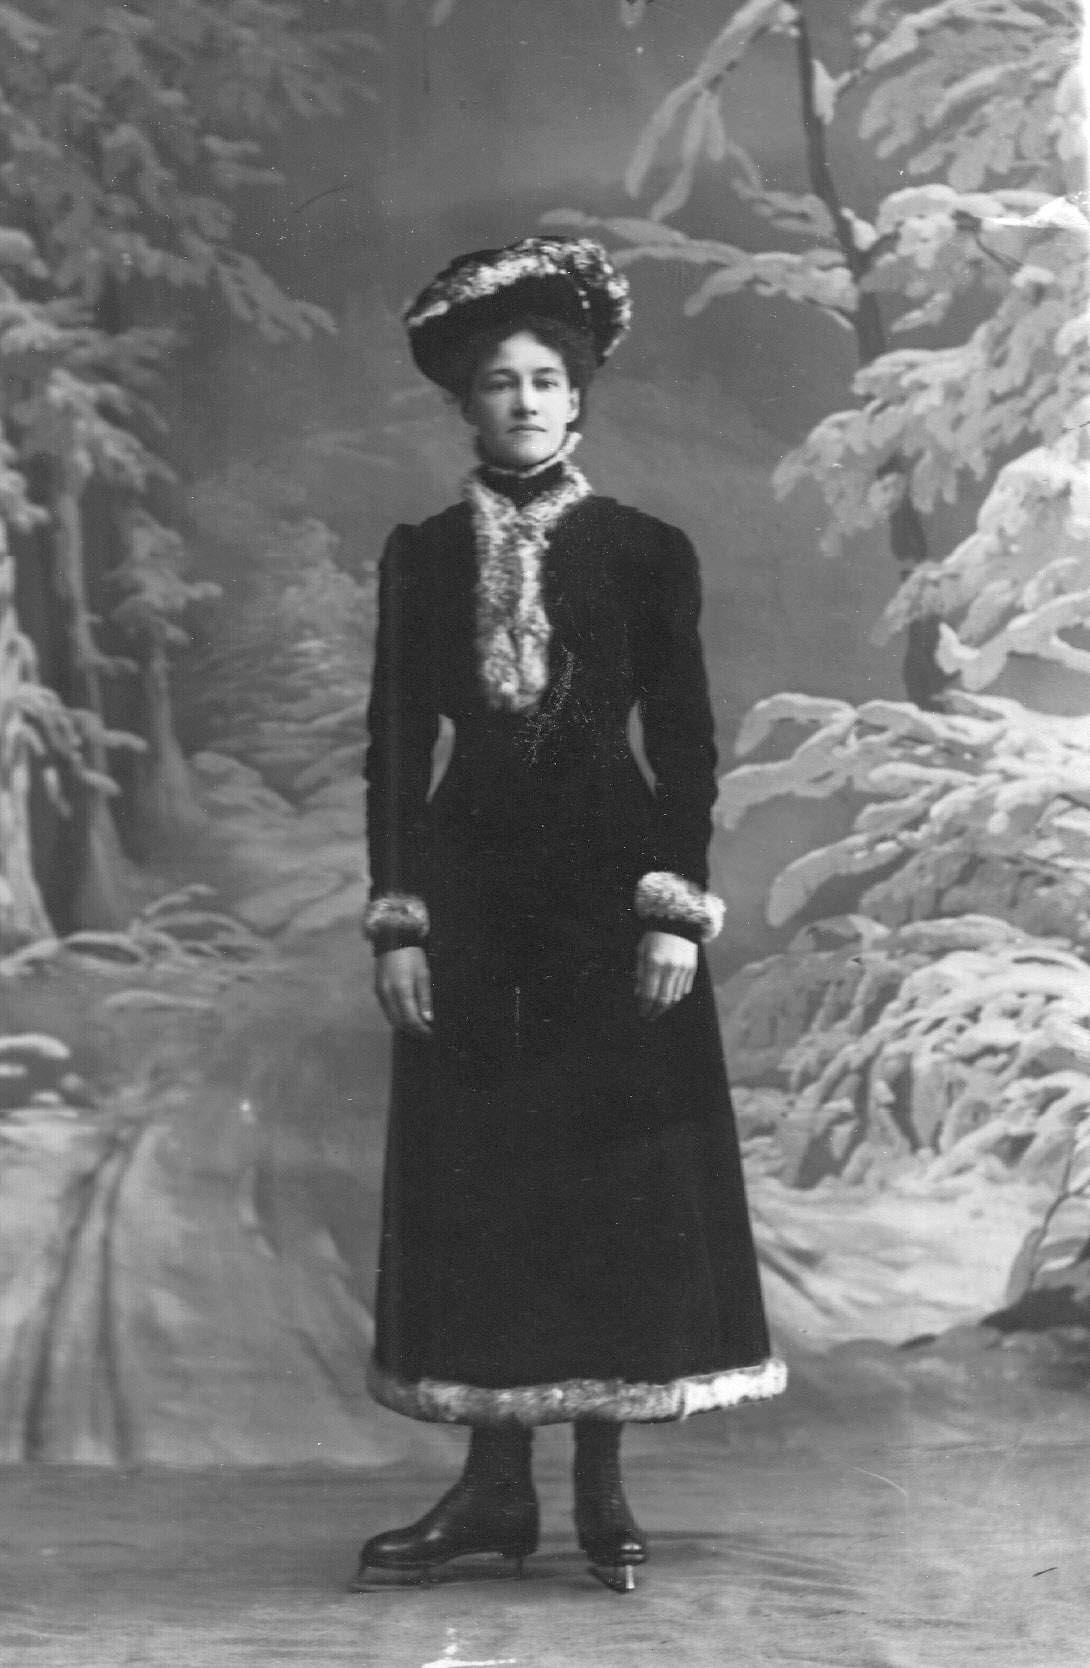 Л.Попова - член Петербургского общества любителей бега на коньках, фигуристка. 1911-1914